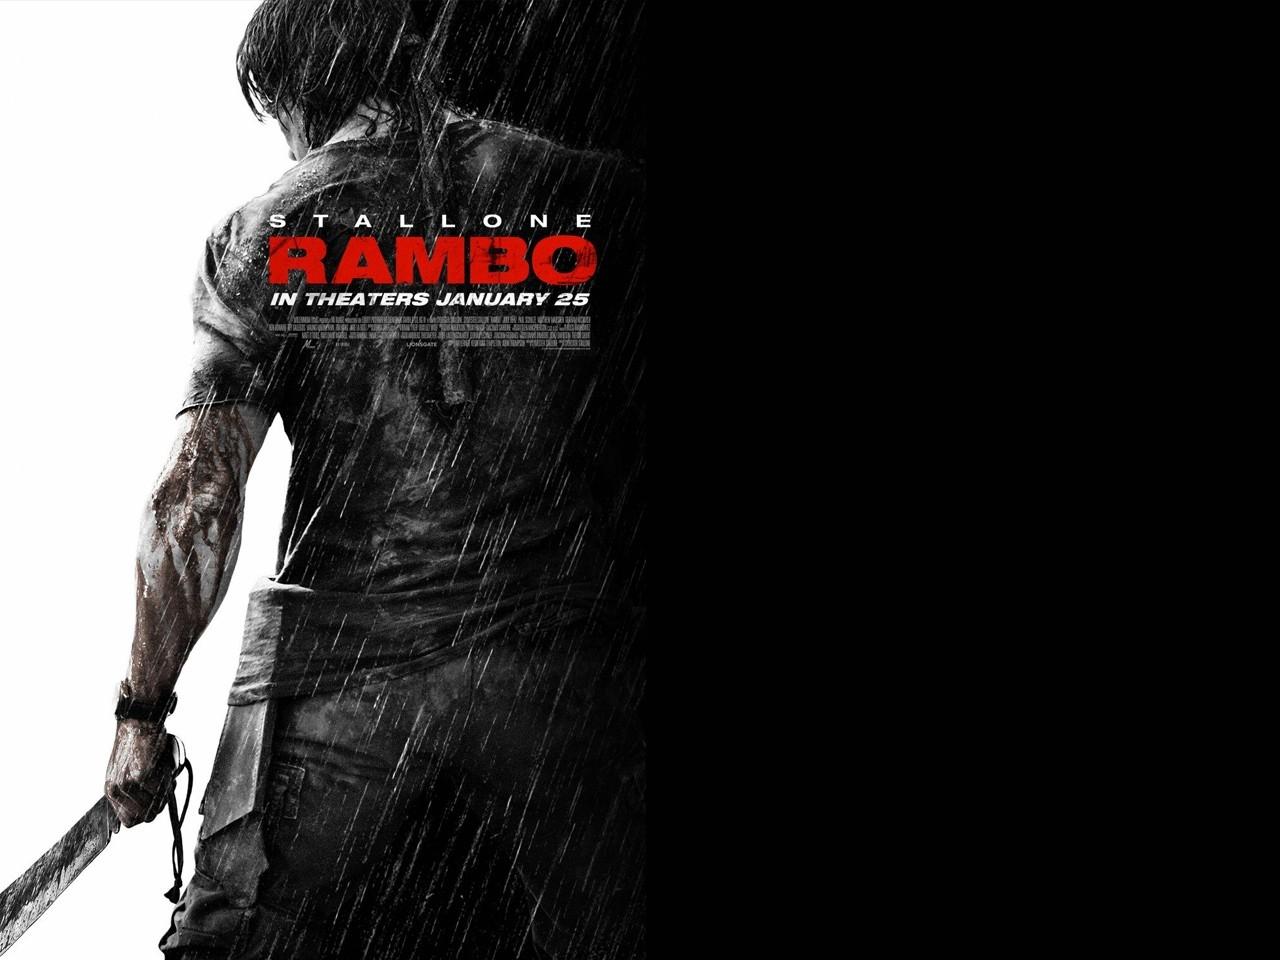 Wallpaper del film John Rambo, quarto capitolo della saga